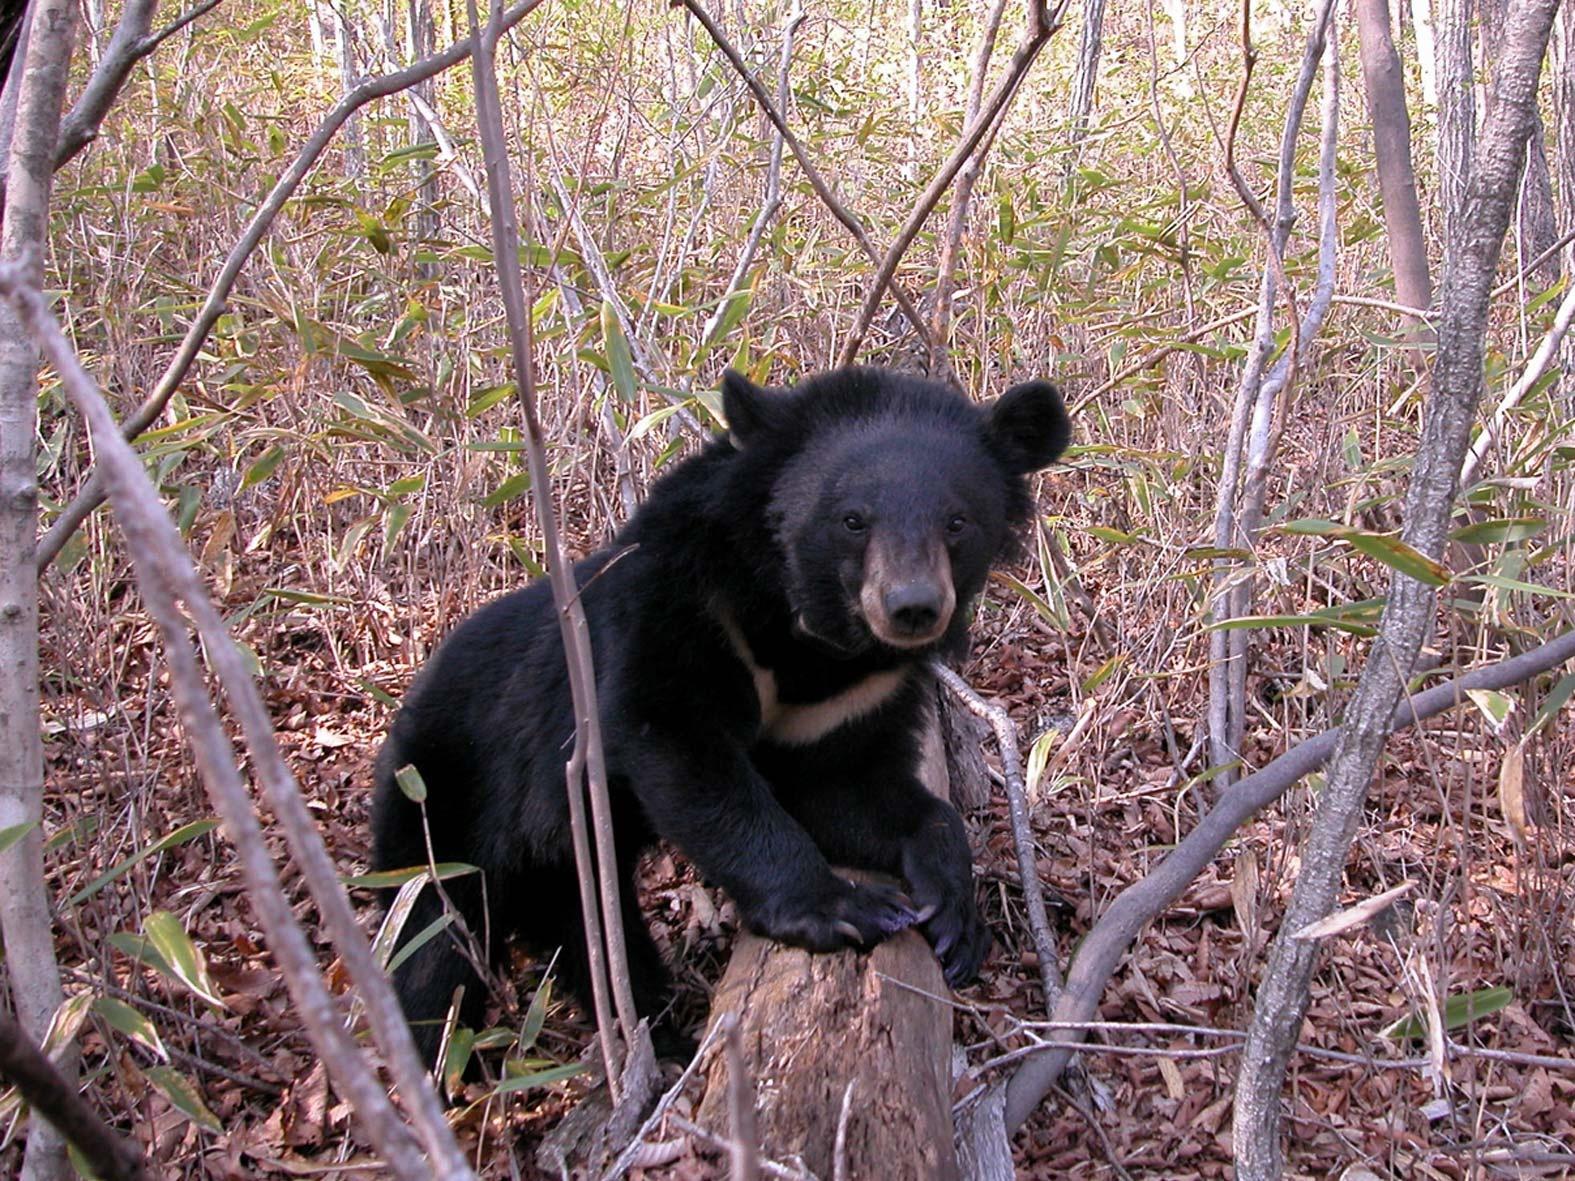 지리산 반달가슴곰 숫자가 늘어나면서 국립공원 구역을 벗어나 멀리까지 이동하는 사례가 늘고 있어 주민들과의 충돌이 우려되고 있다. [중앙포토]